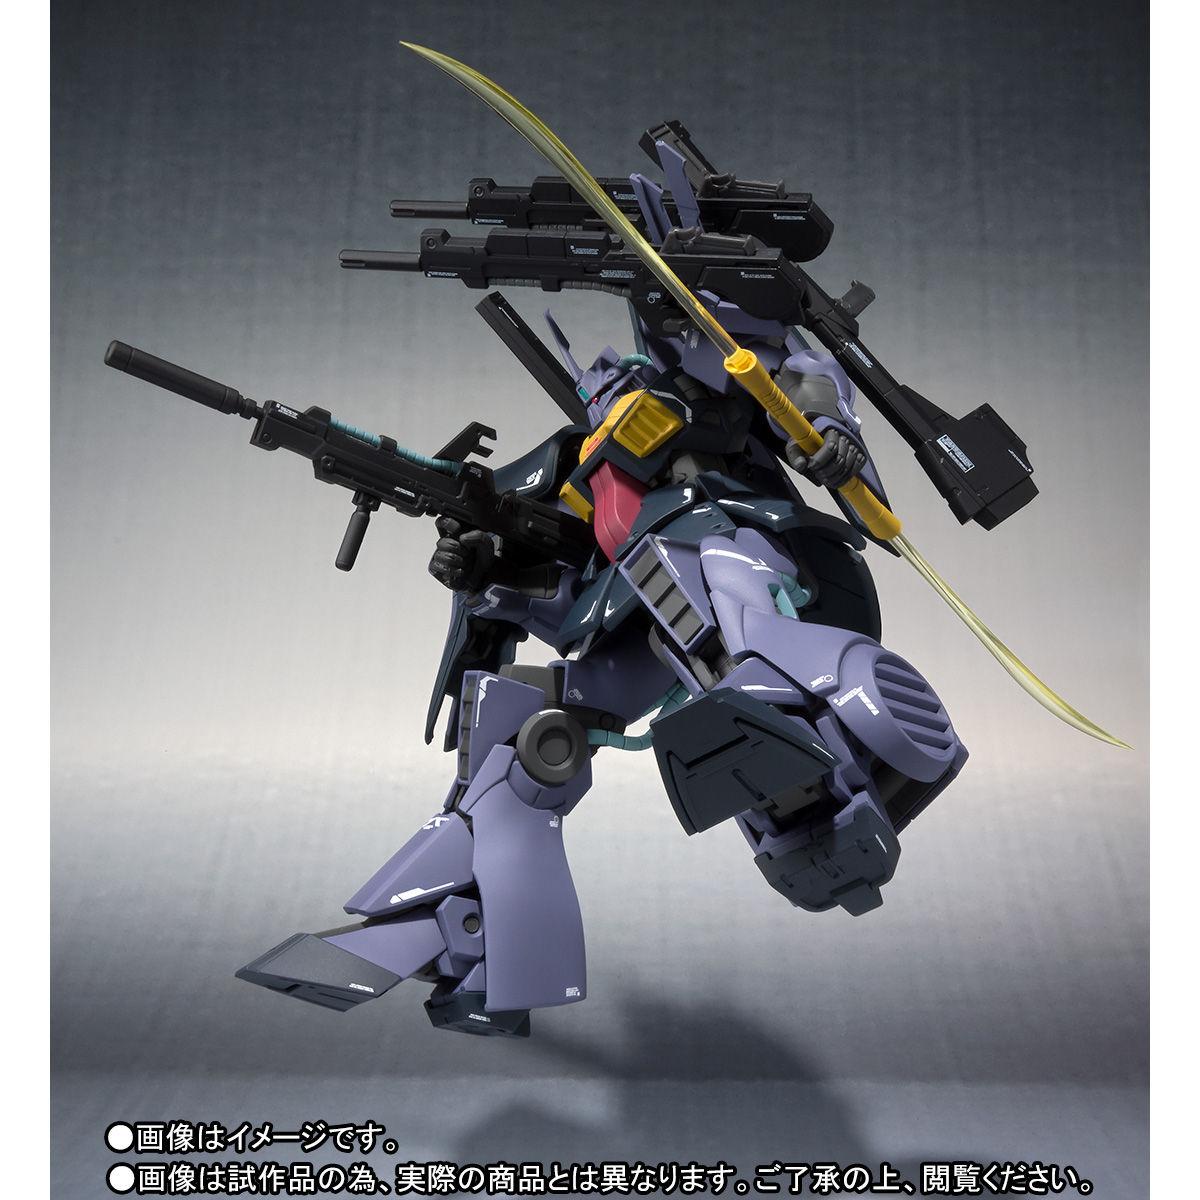 ROBOT魂(Ka signature)〈SIDE MS〉『ディジェ(ナラティブVer.)』機動戦士ガンダムNT 可動フィギュア-002